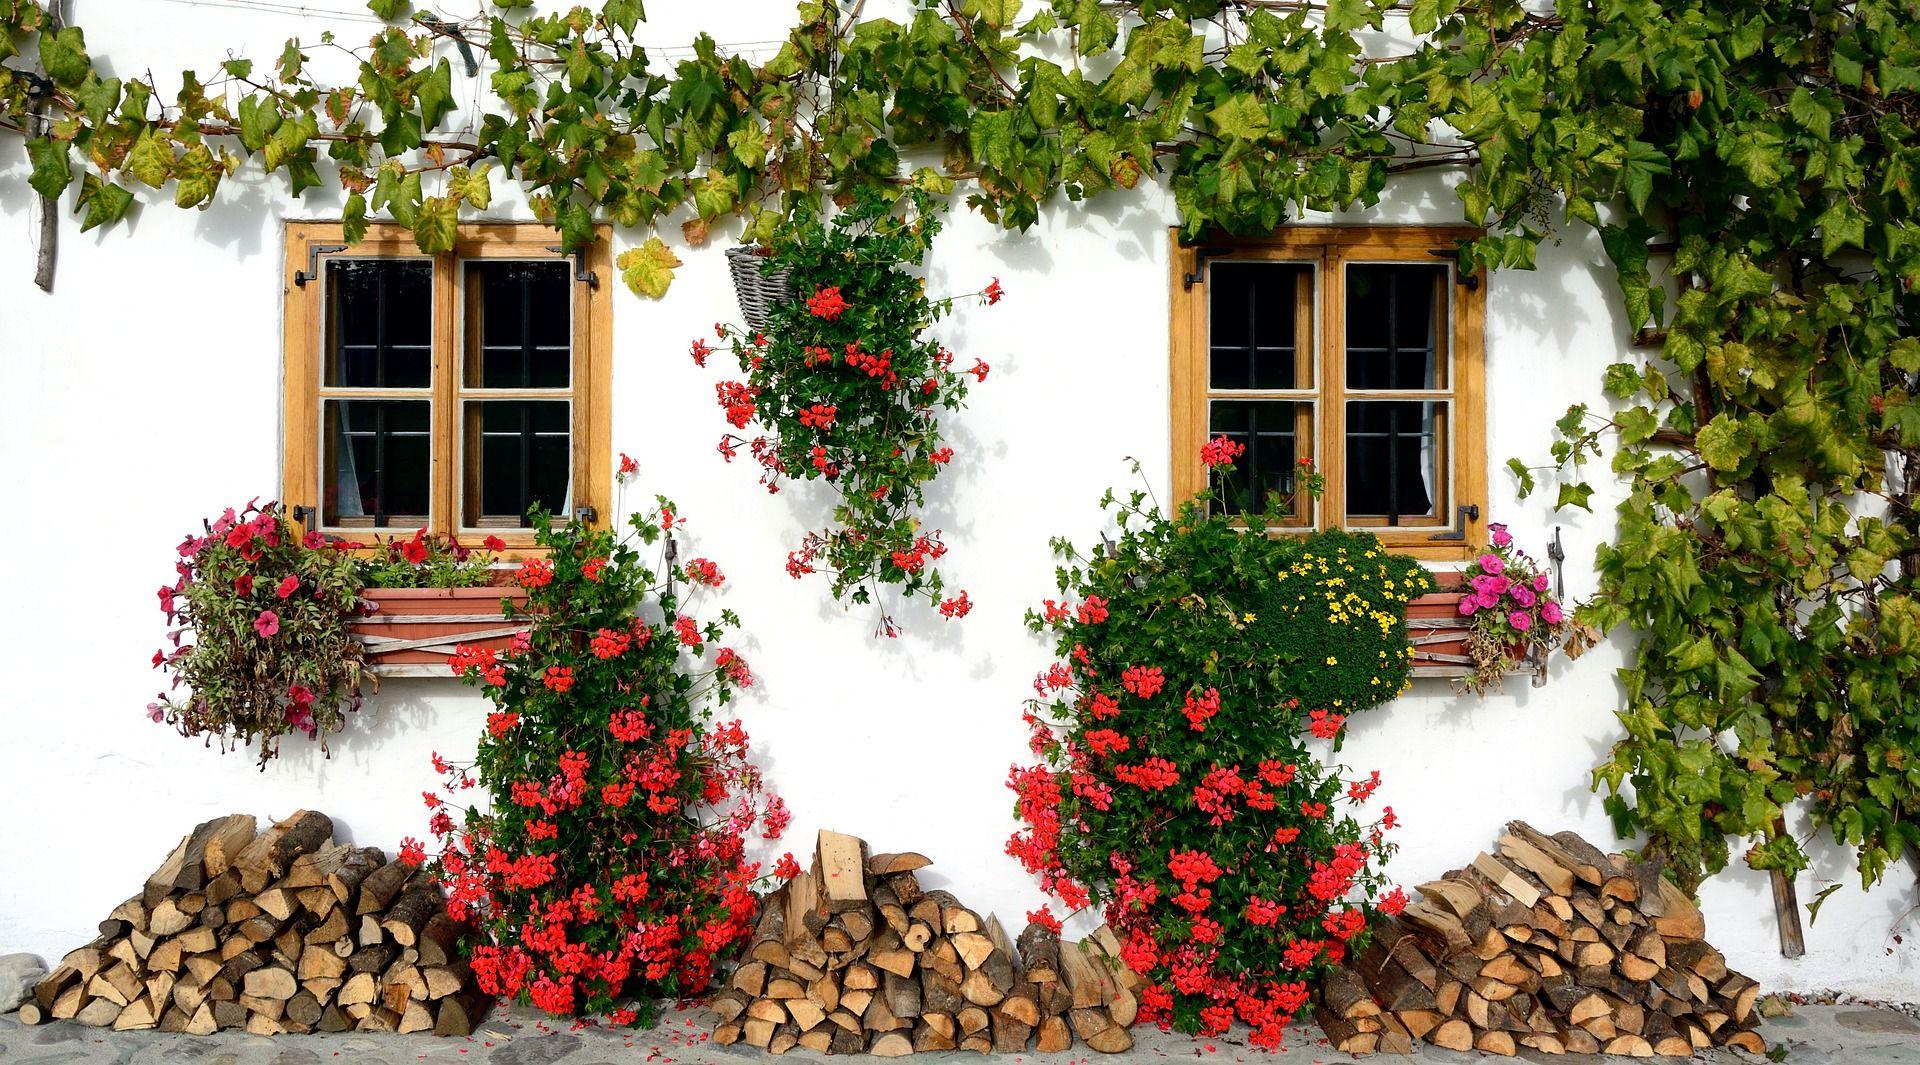 Ortensie Sul Balcone : Fioriere da balcone come valorizzare piante e fiori in